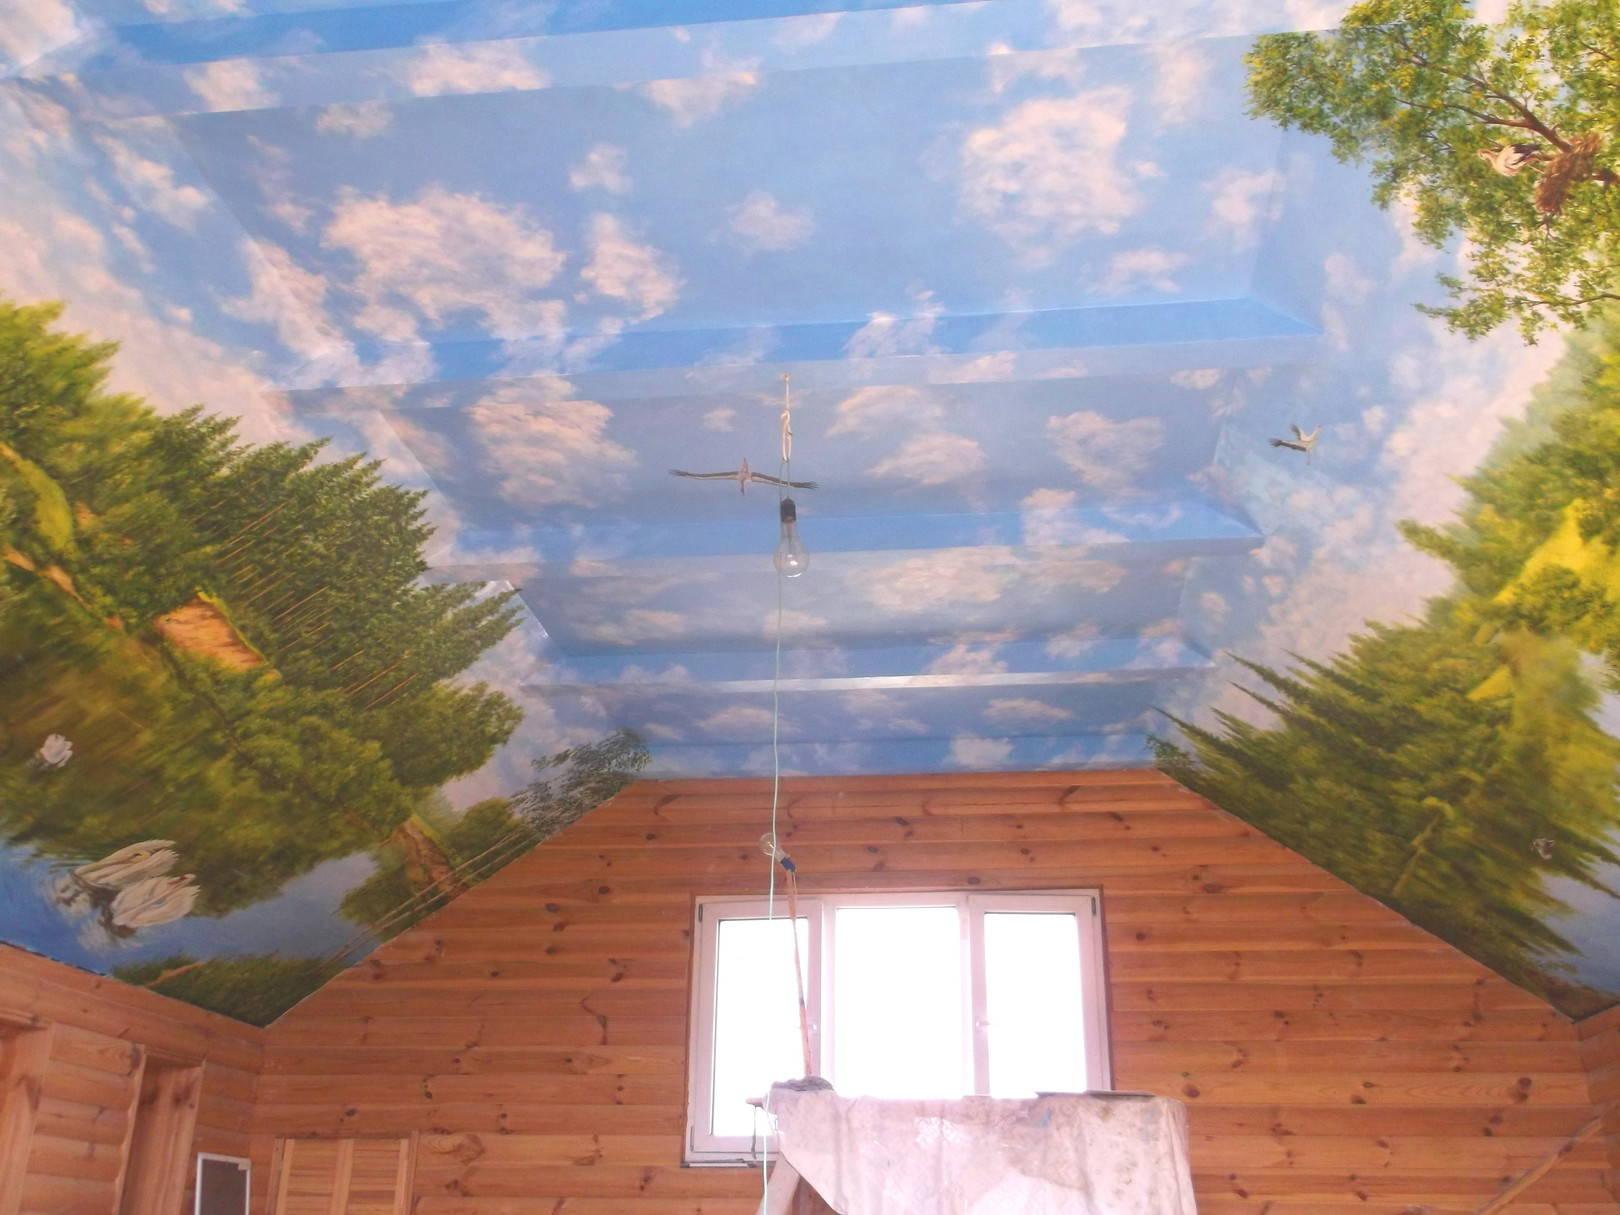 Роспись стен и потолка,3-й этаж частного дома,г.Запорожье.